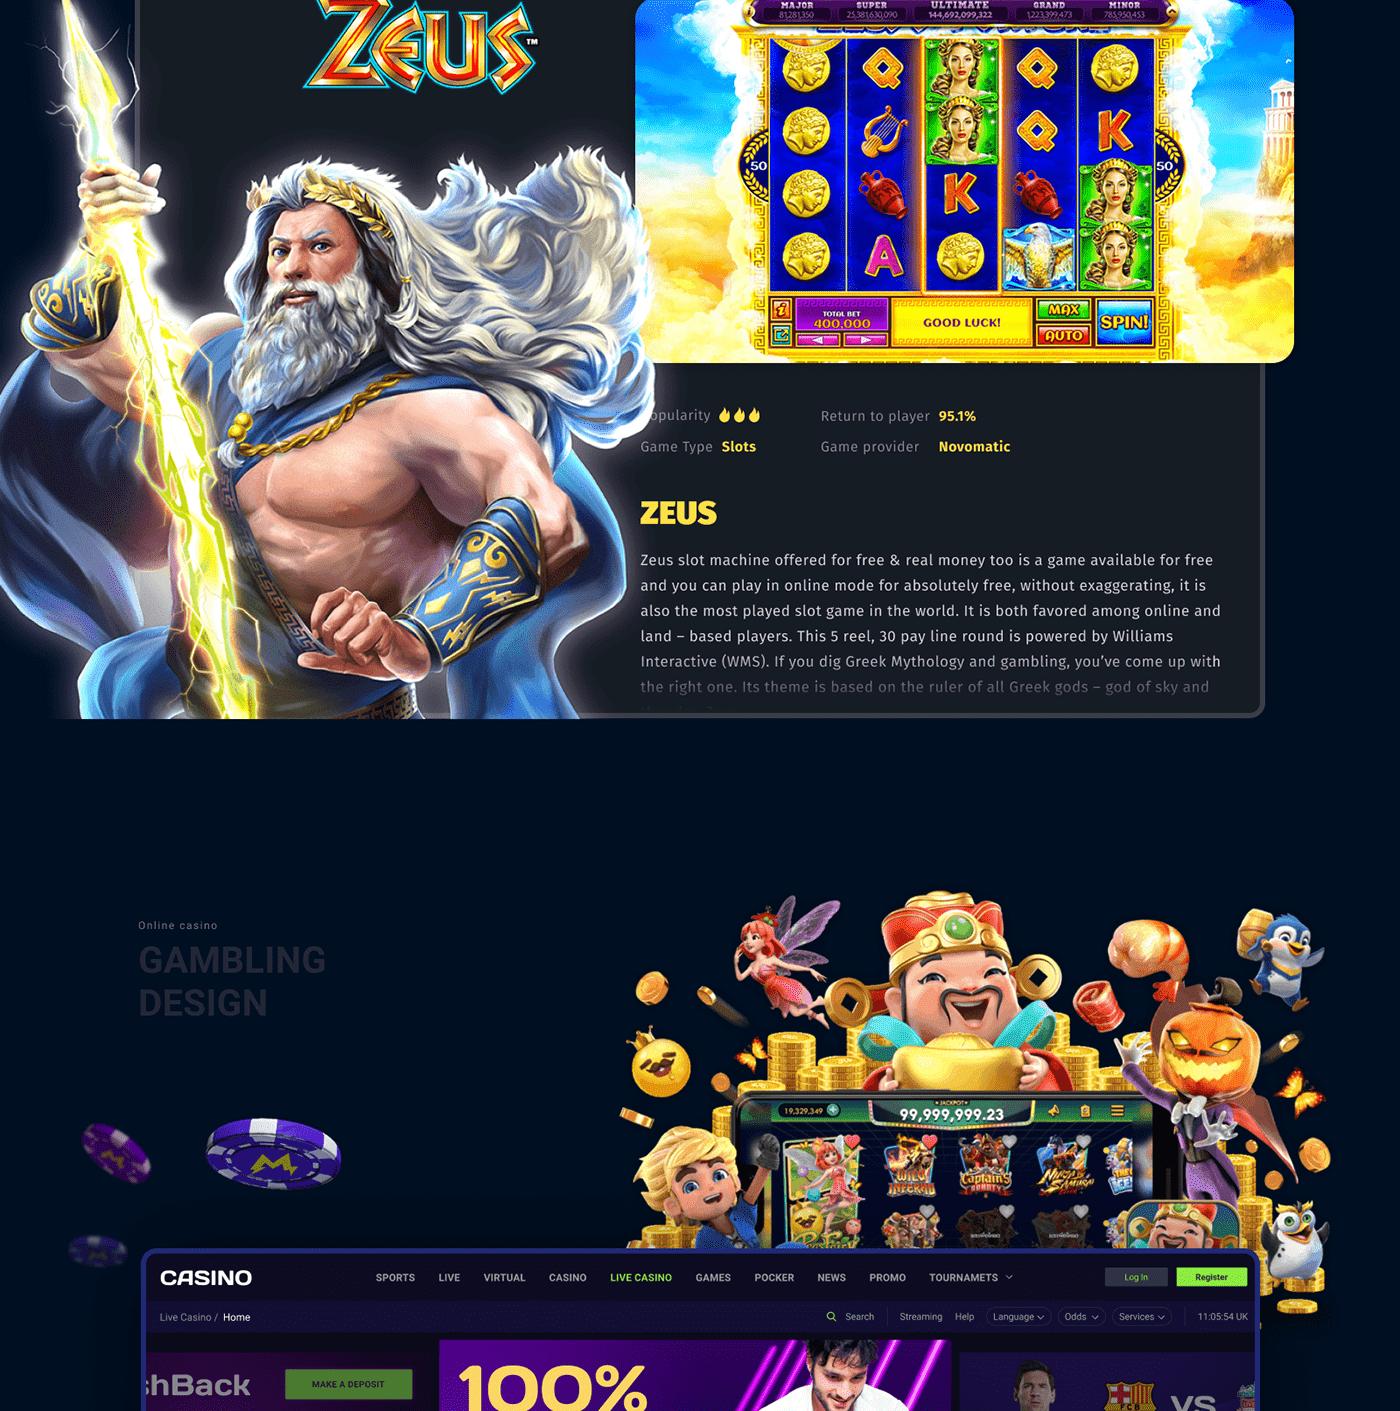 casino design gambling Slots UI